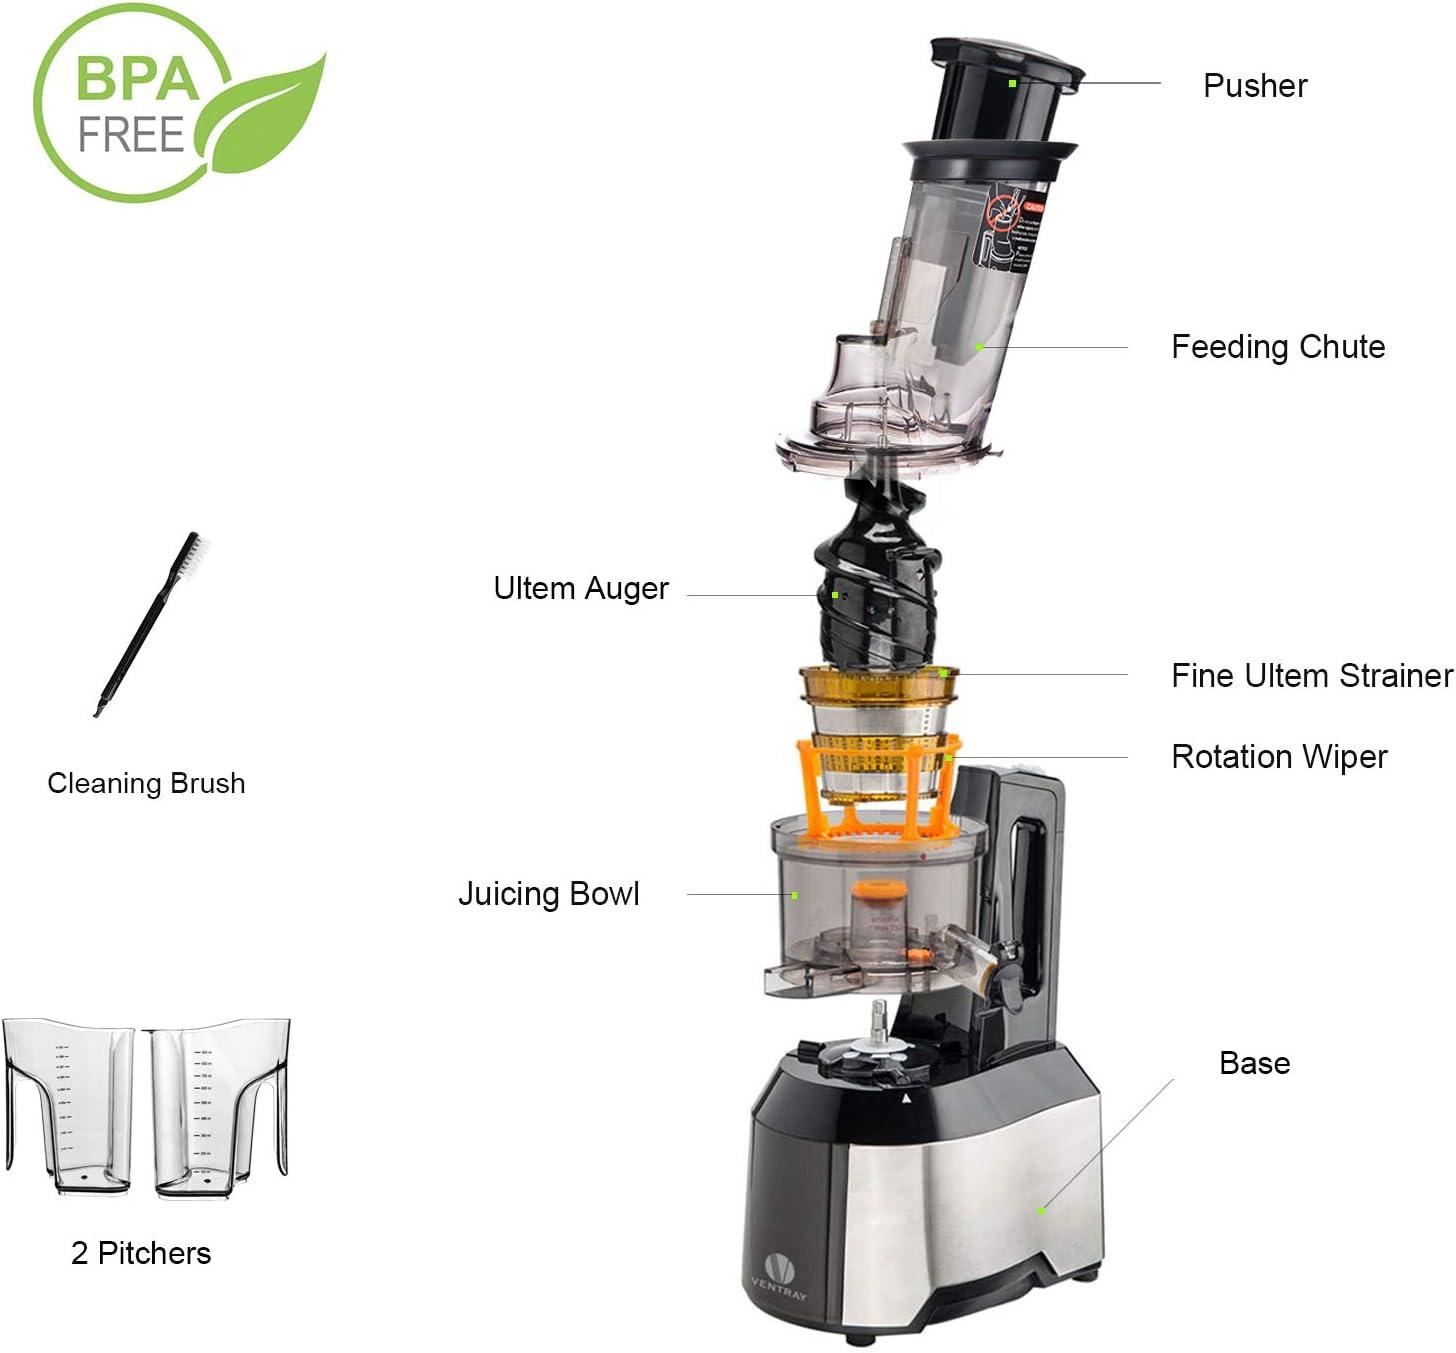 Ventray Extracteur de Jus, Slow Juicer Presse à Froid pour Fruits et Légumes Sans BPA avec Moteur Silencieux - Rendement Plus Elevé de Jus -Facile à Nettoyer (809Noir) 809noir